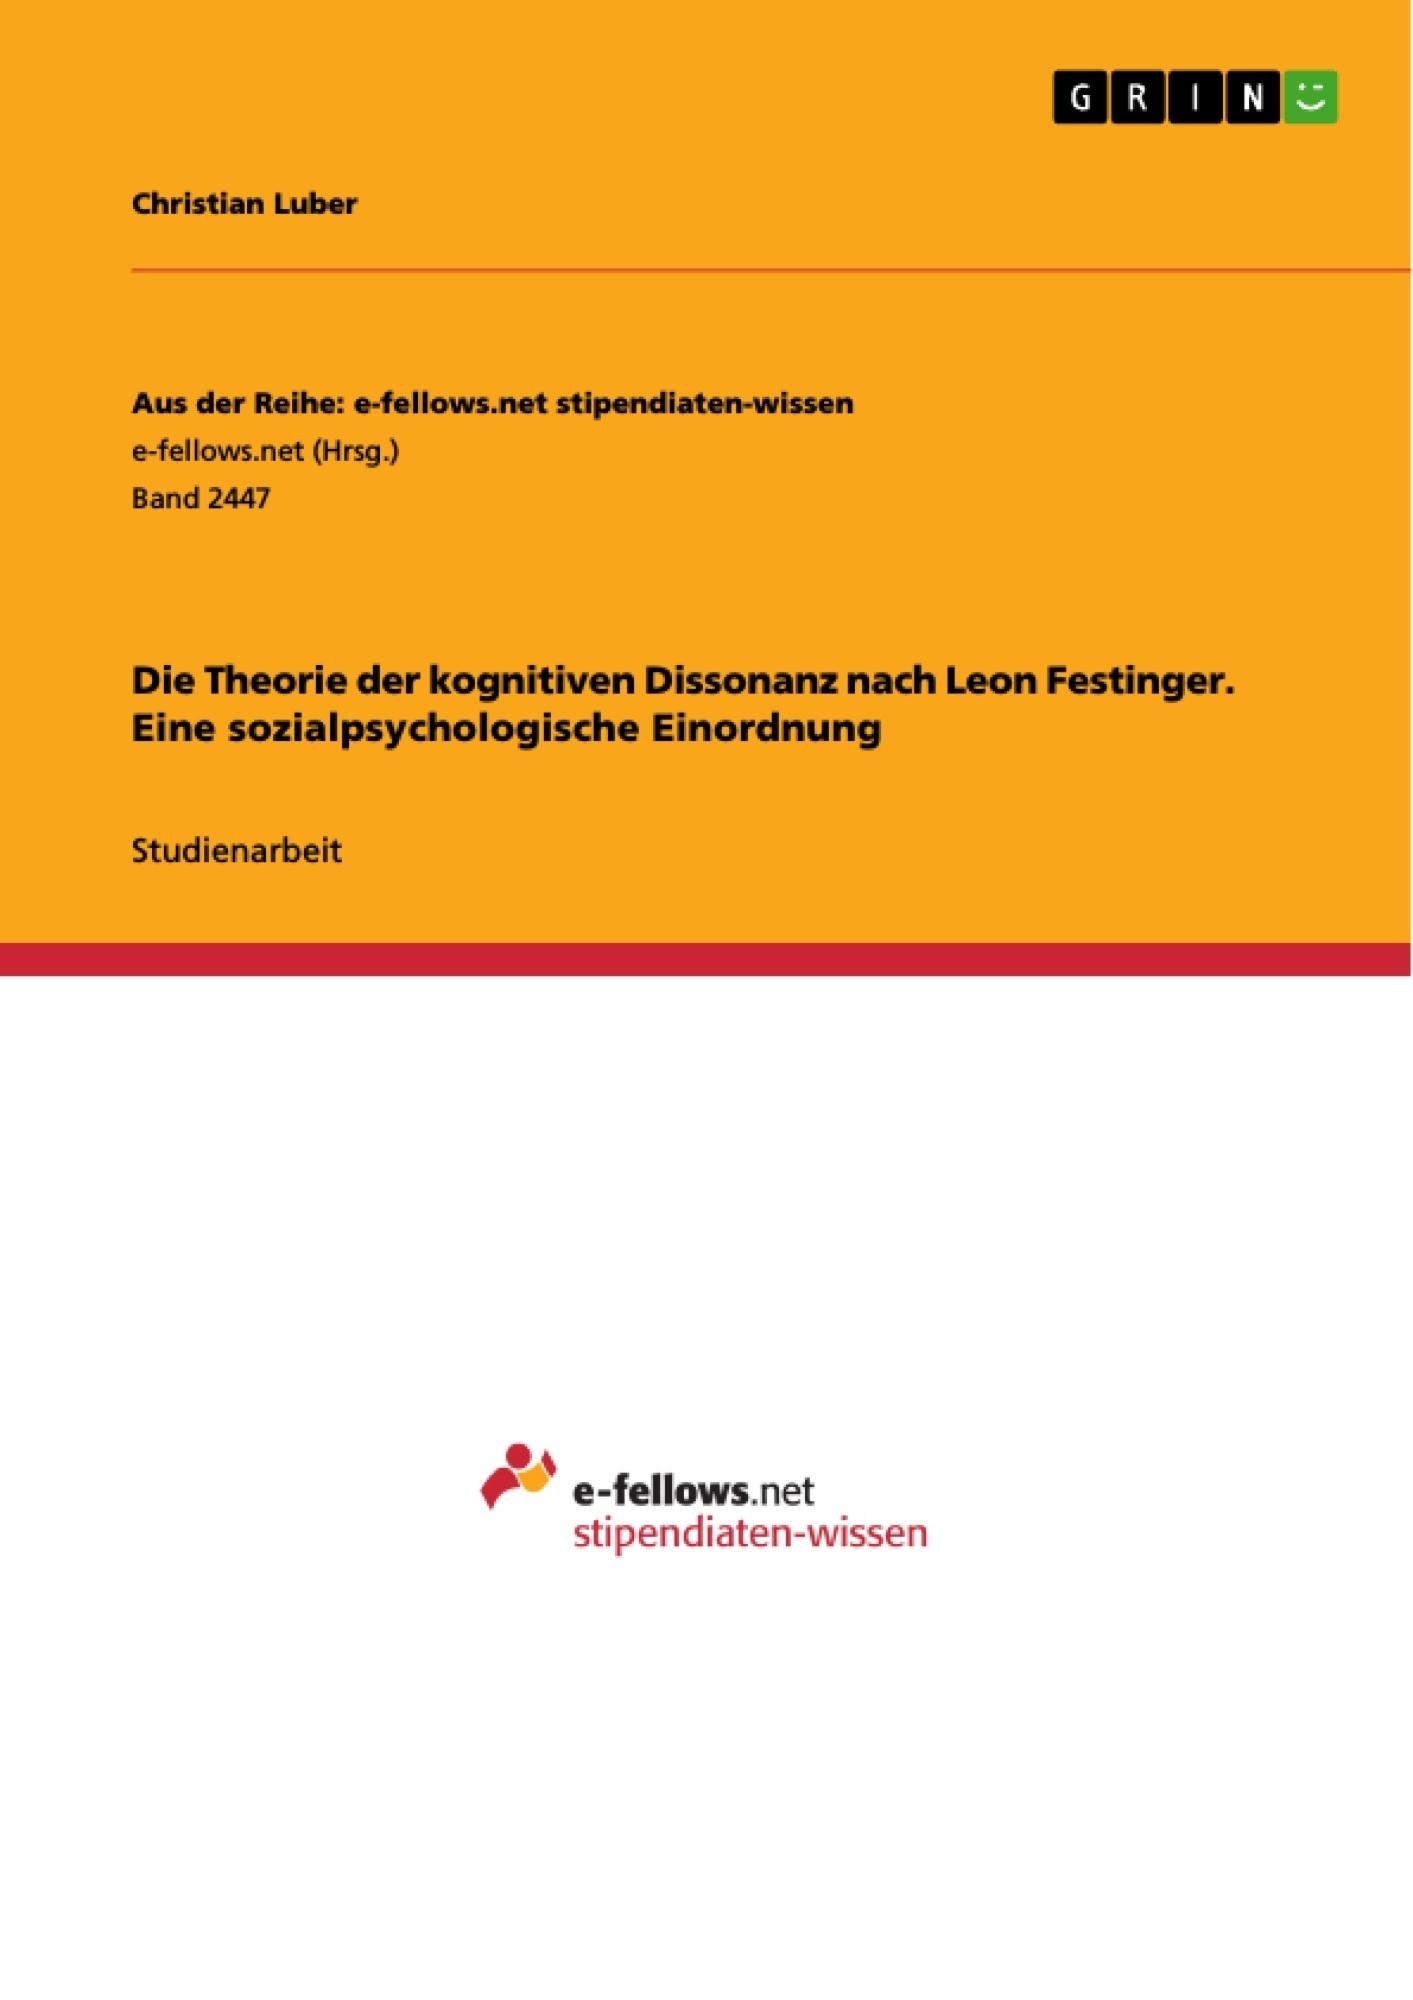 Titel: Die Theorie der kognitiven Dissonanz nach Leon Festinger. Eine sozialpsychologische Einordnung